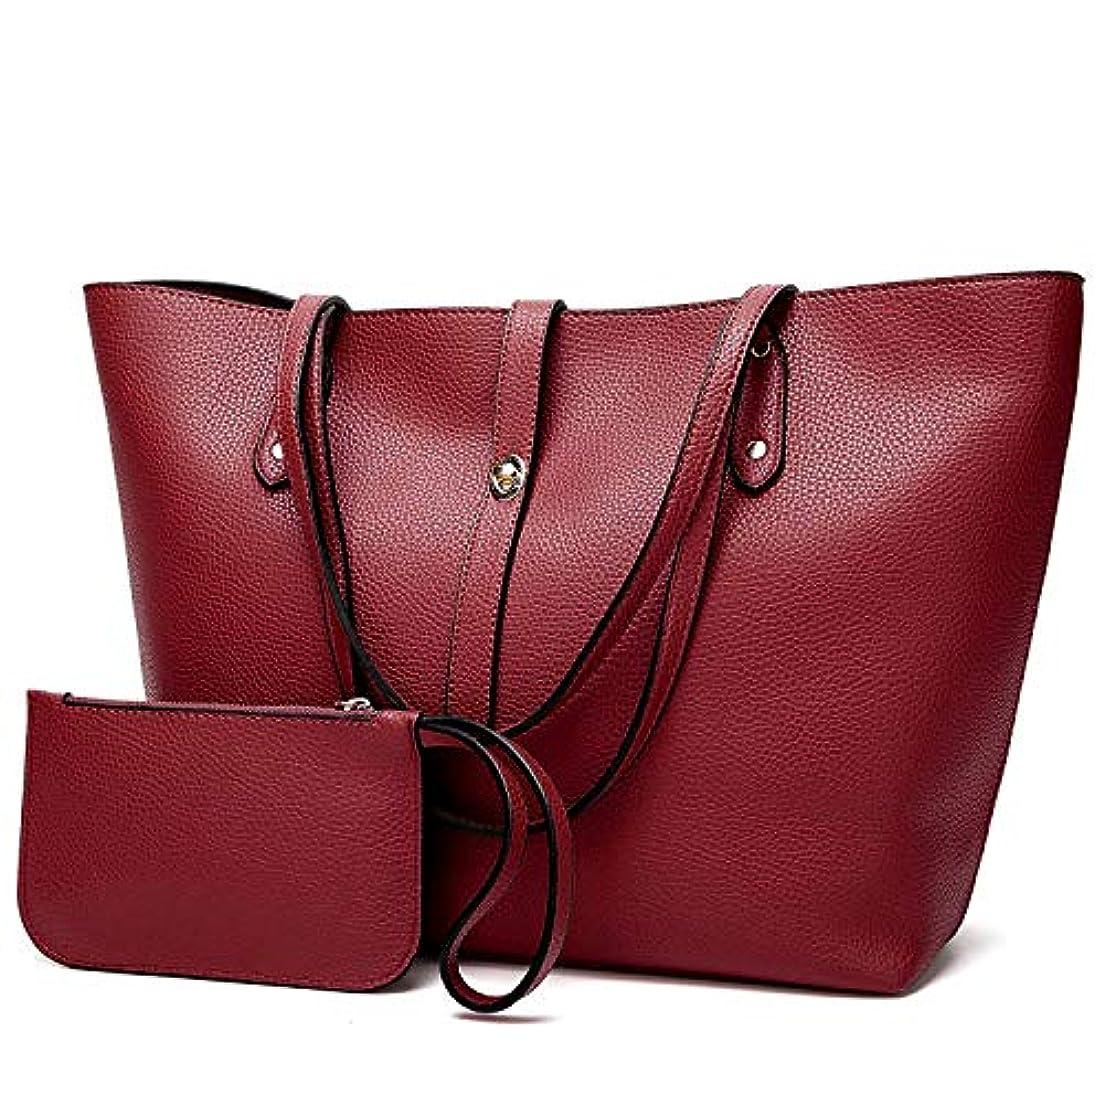 交渉するレビュアー吐く[TcIFE] ハンドバッグ レディース トートバッグ 大容量 無地 ショルダーバッグ 2way 財布とハンドバッグ